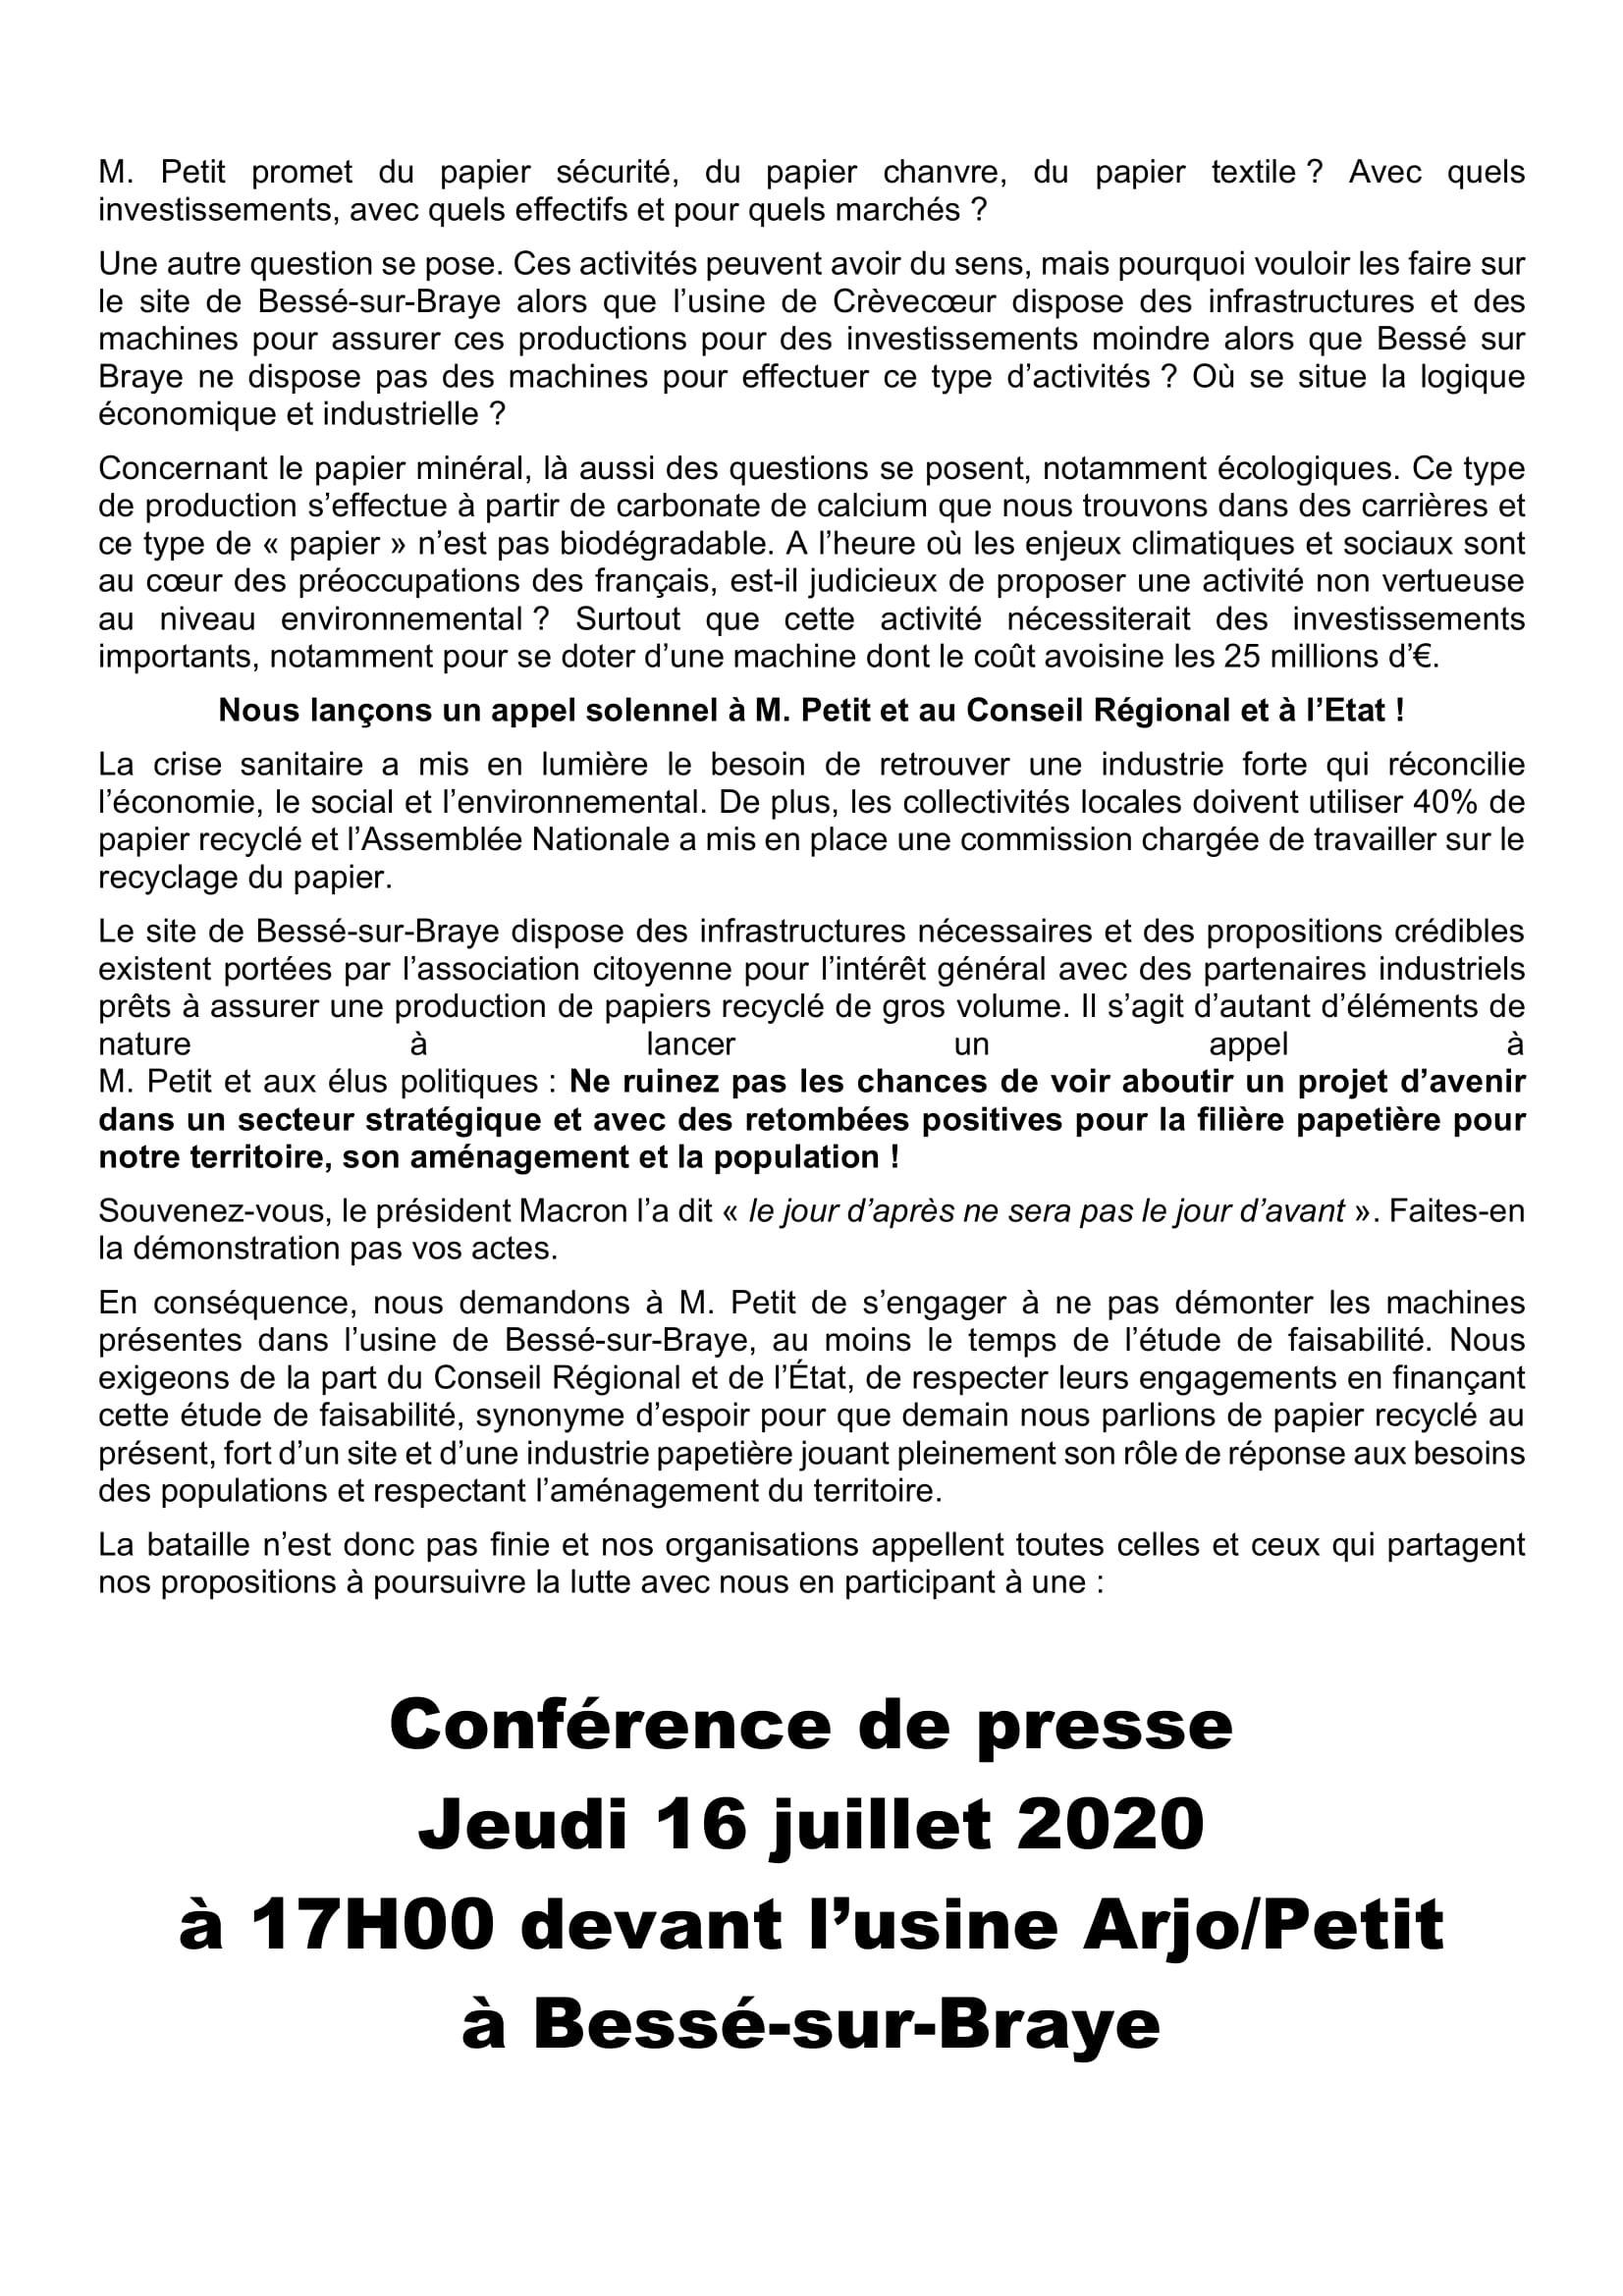 Declaration Filpac Ud72 Acig 100720 2